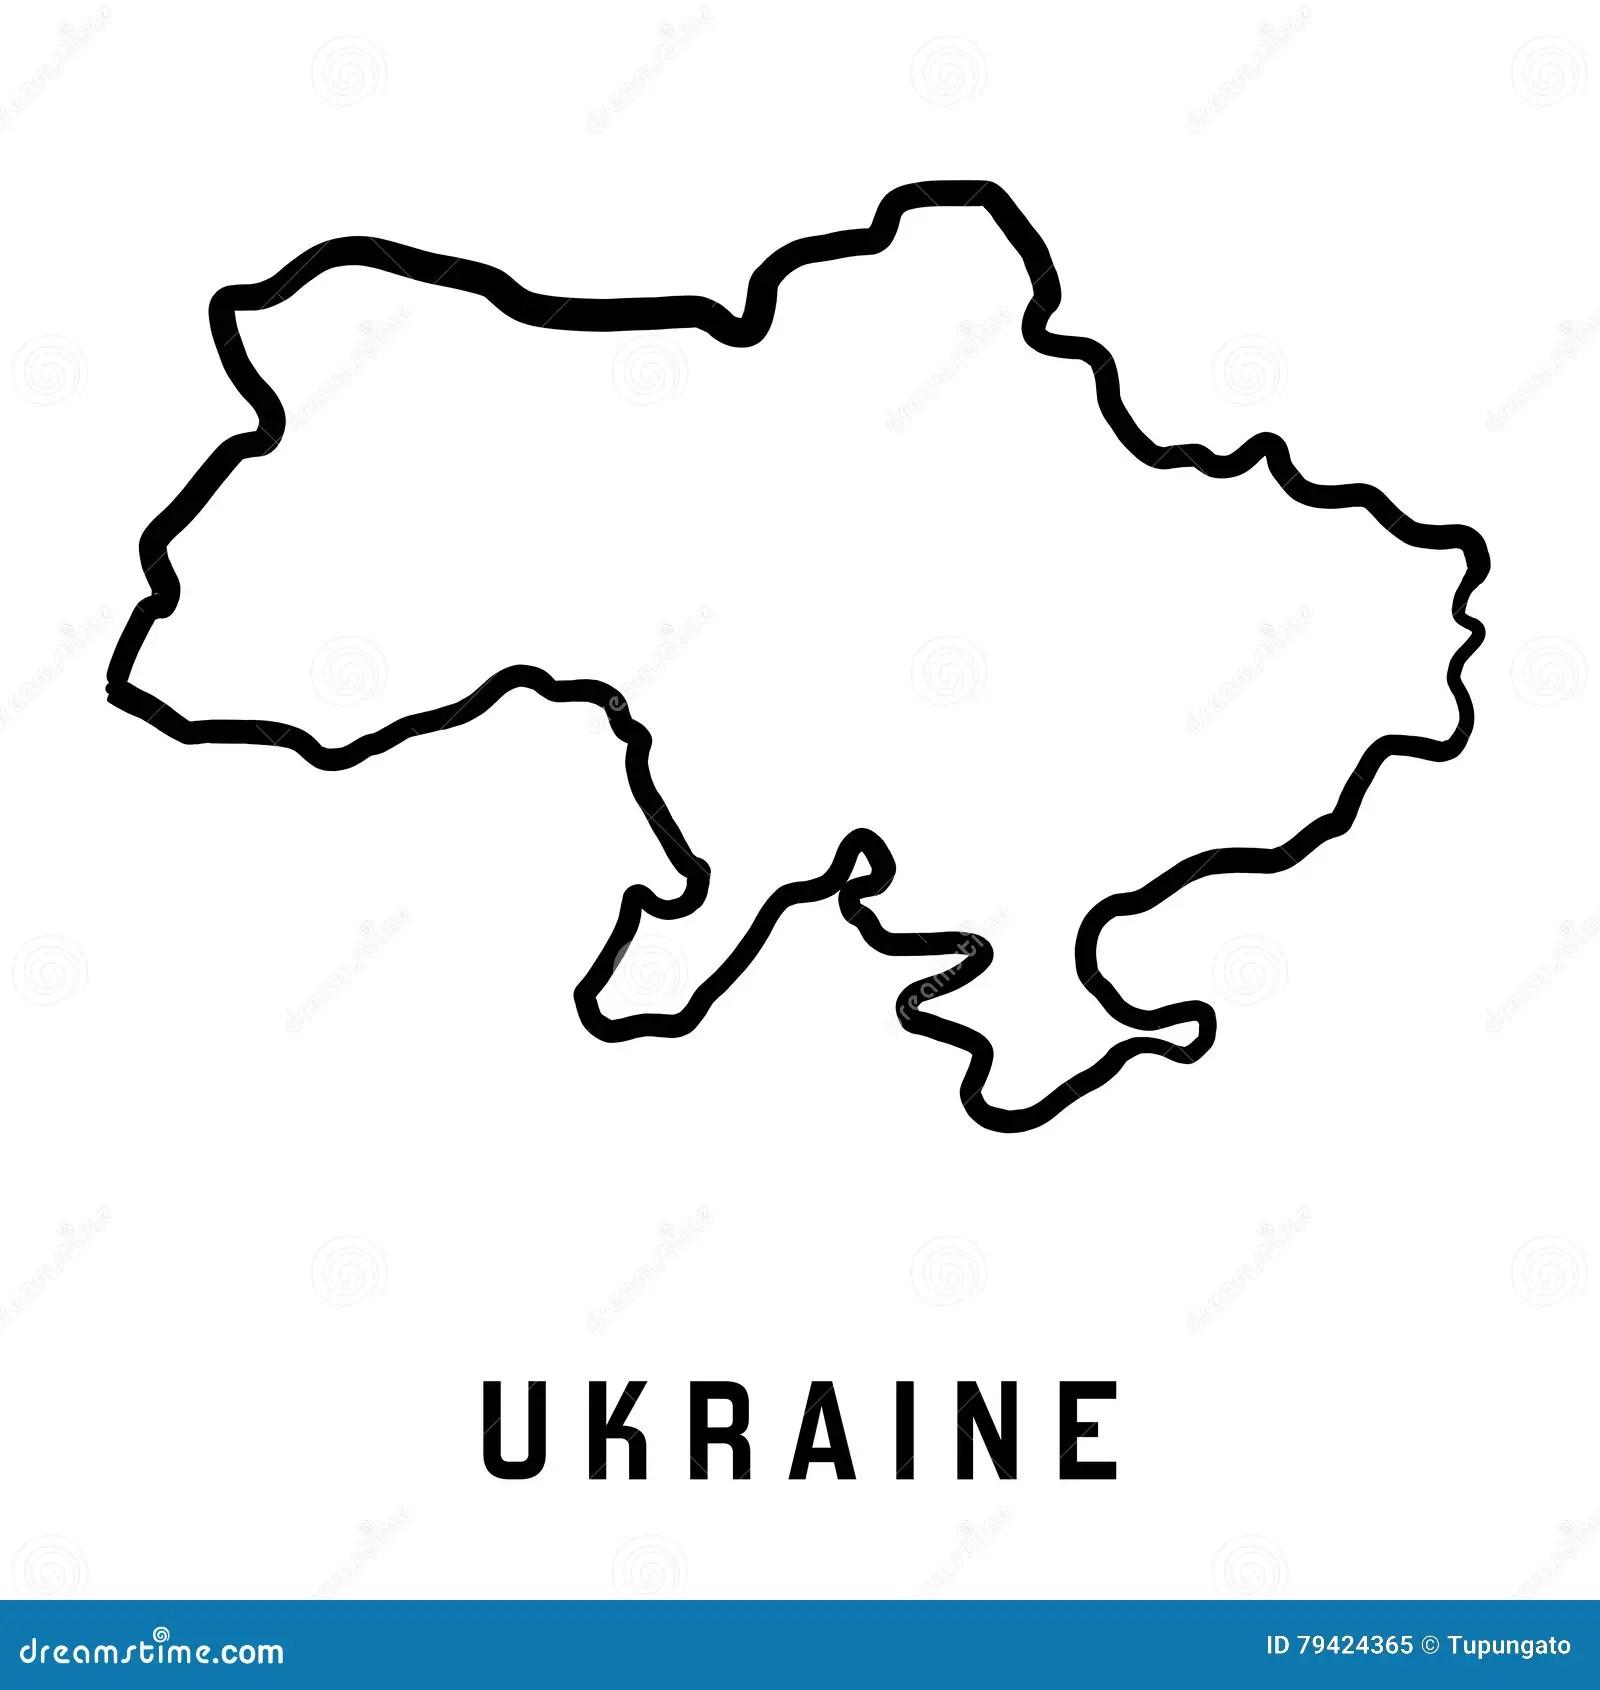 Ukraine Map Outline Stock Vector Illustration Of Blank